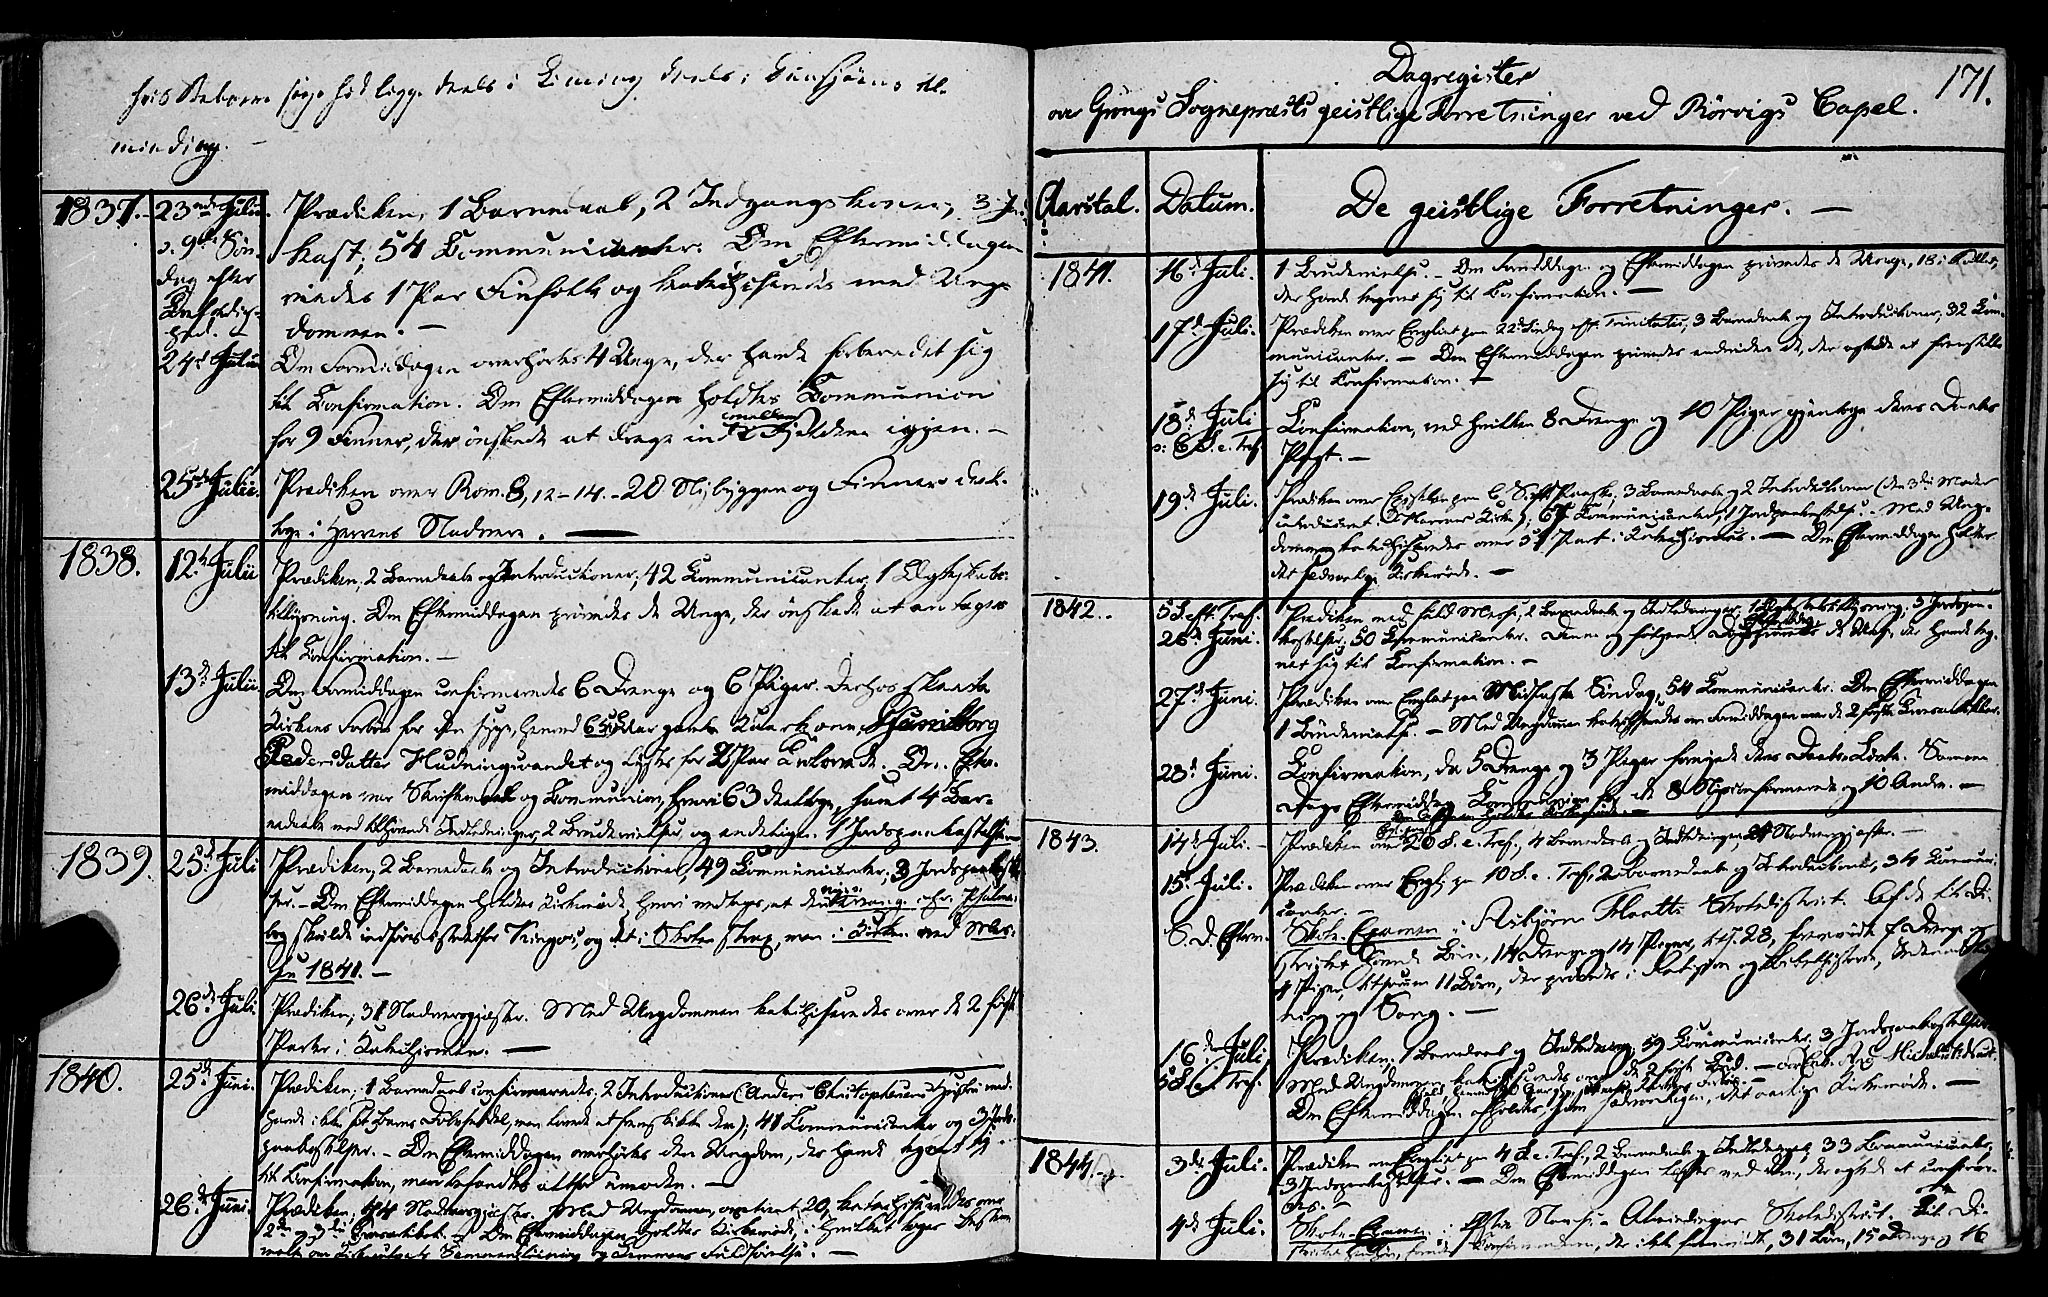 SAT, Ministerialprotokoller, klokkerbøker og fødselsregistre - Nord-Trøndelag, 762/L0538: Ministerialbok nr. 762A02 /1, 1833-1879, s. 171